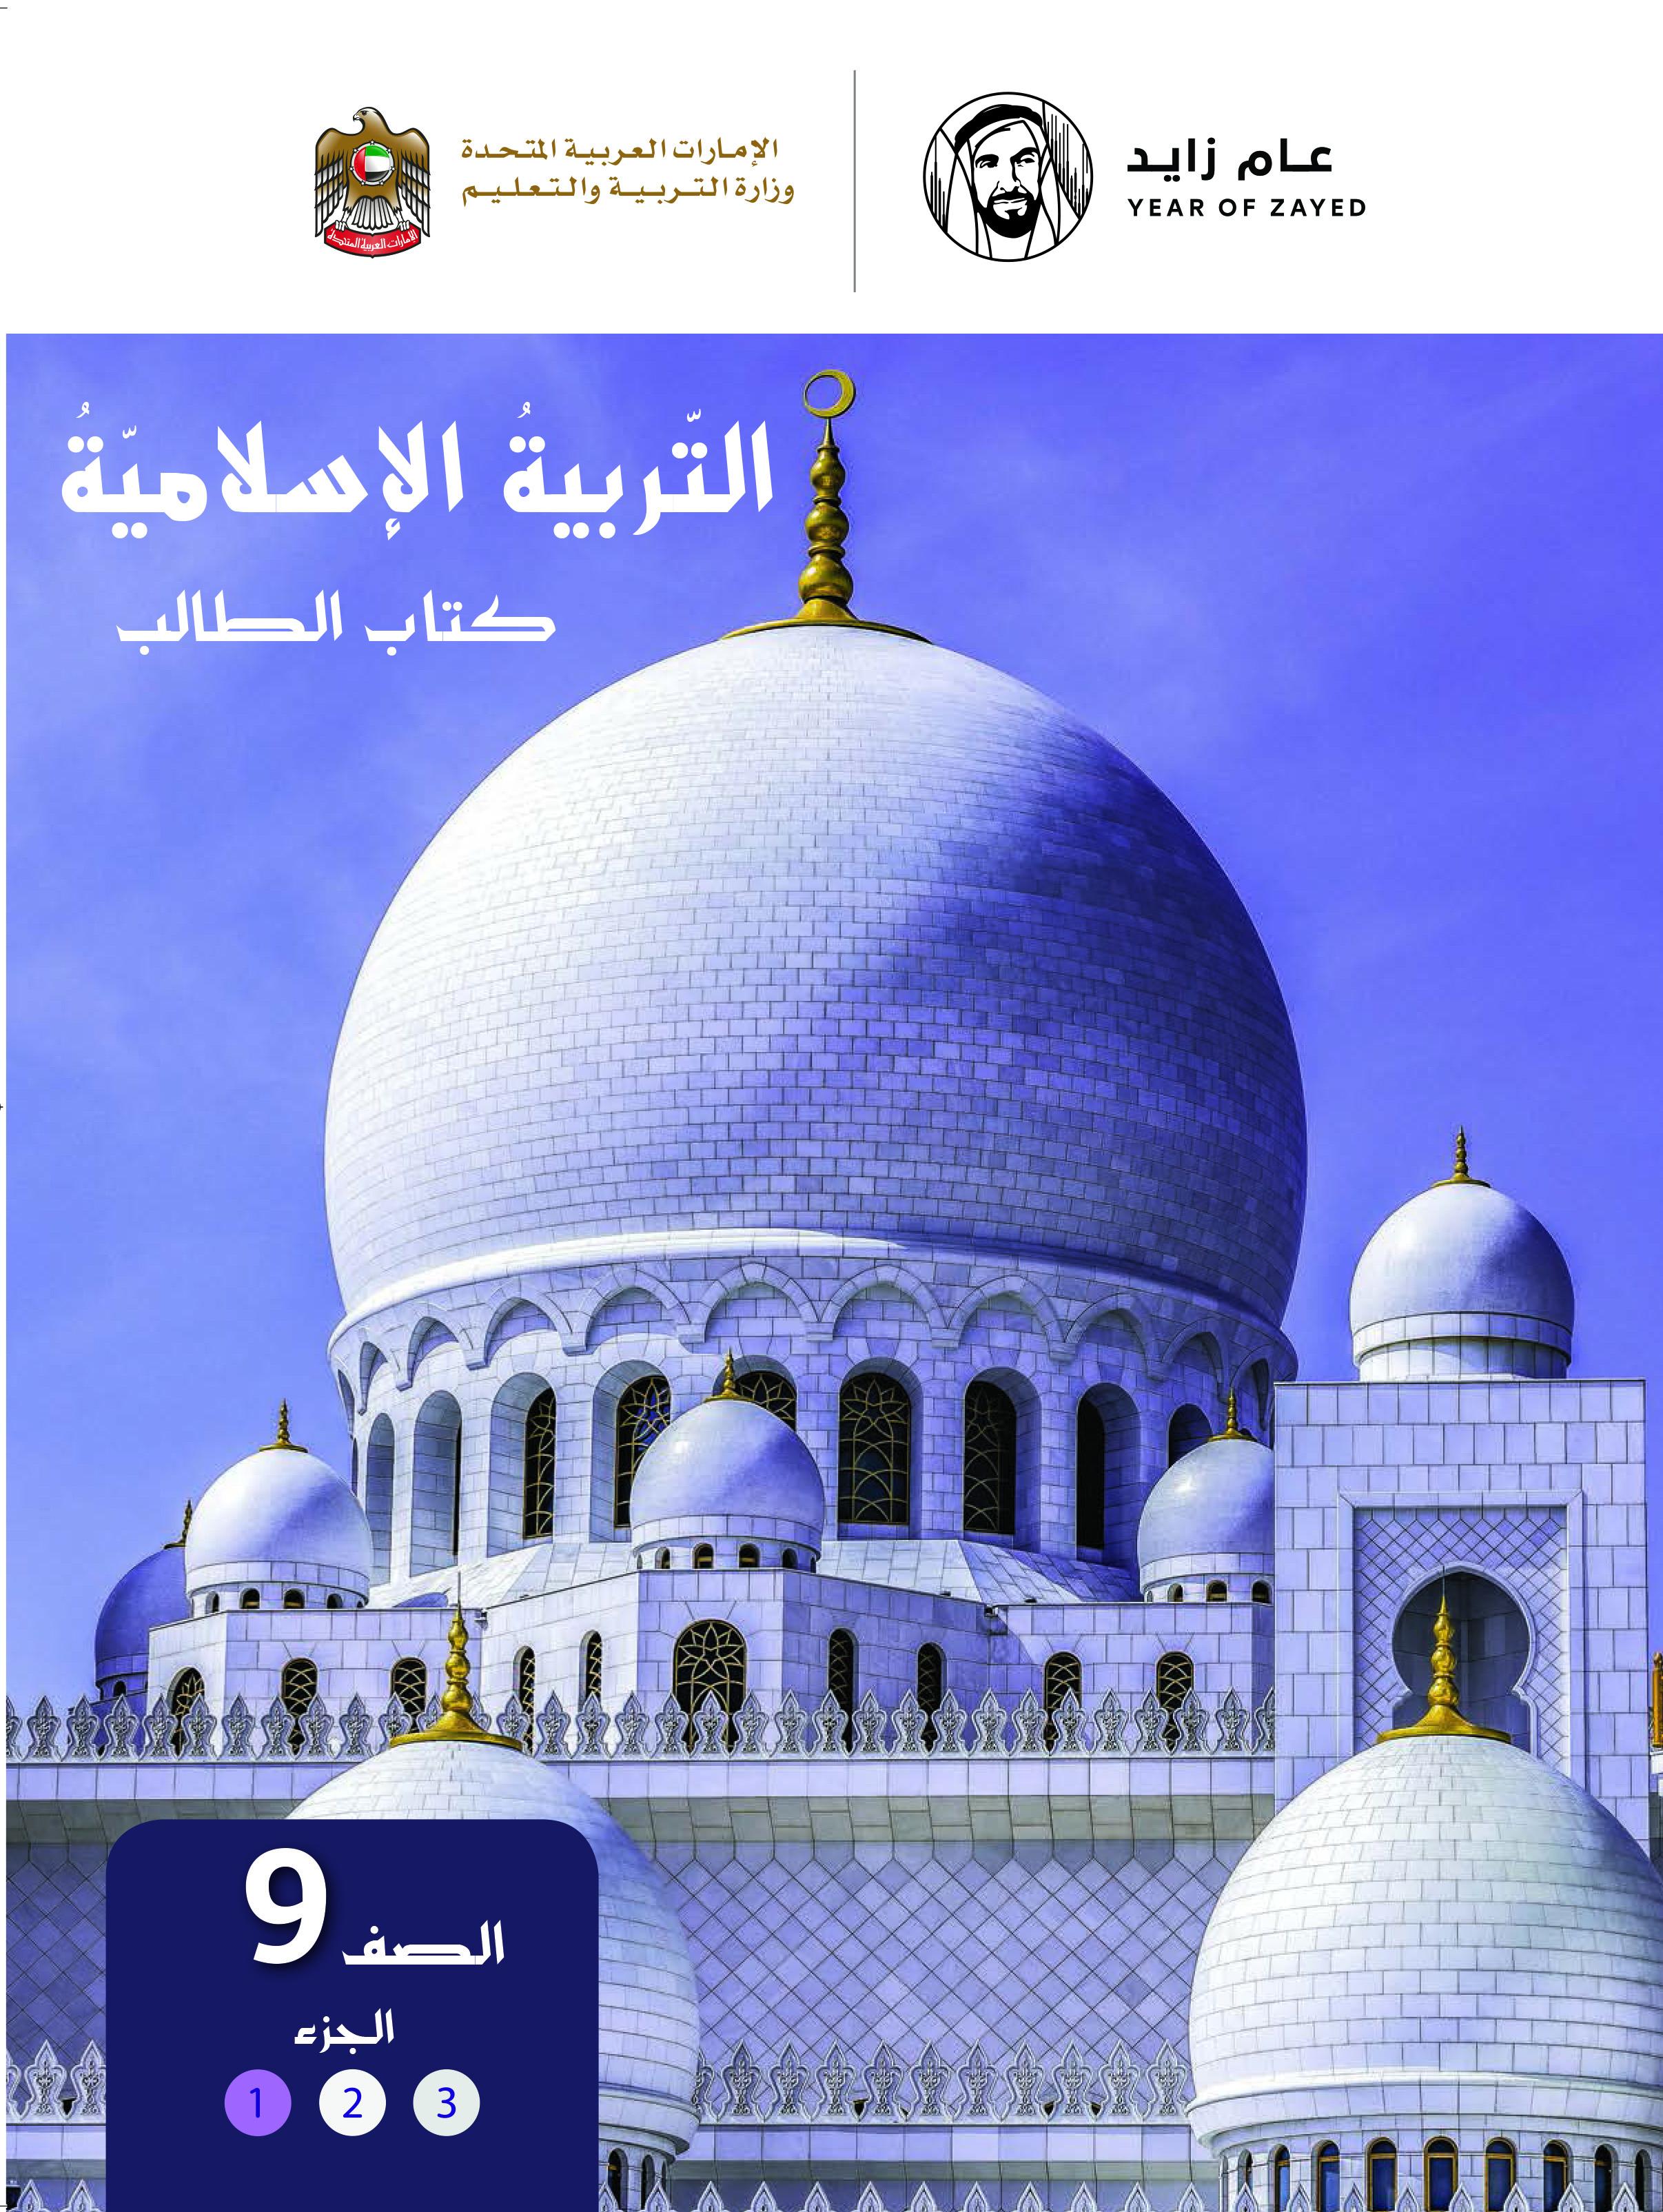 التربية الإسلامية - كتاب الطالب - الصف التاسع - الجزء الأول